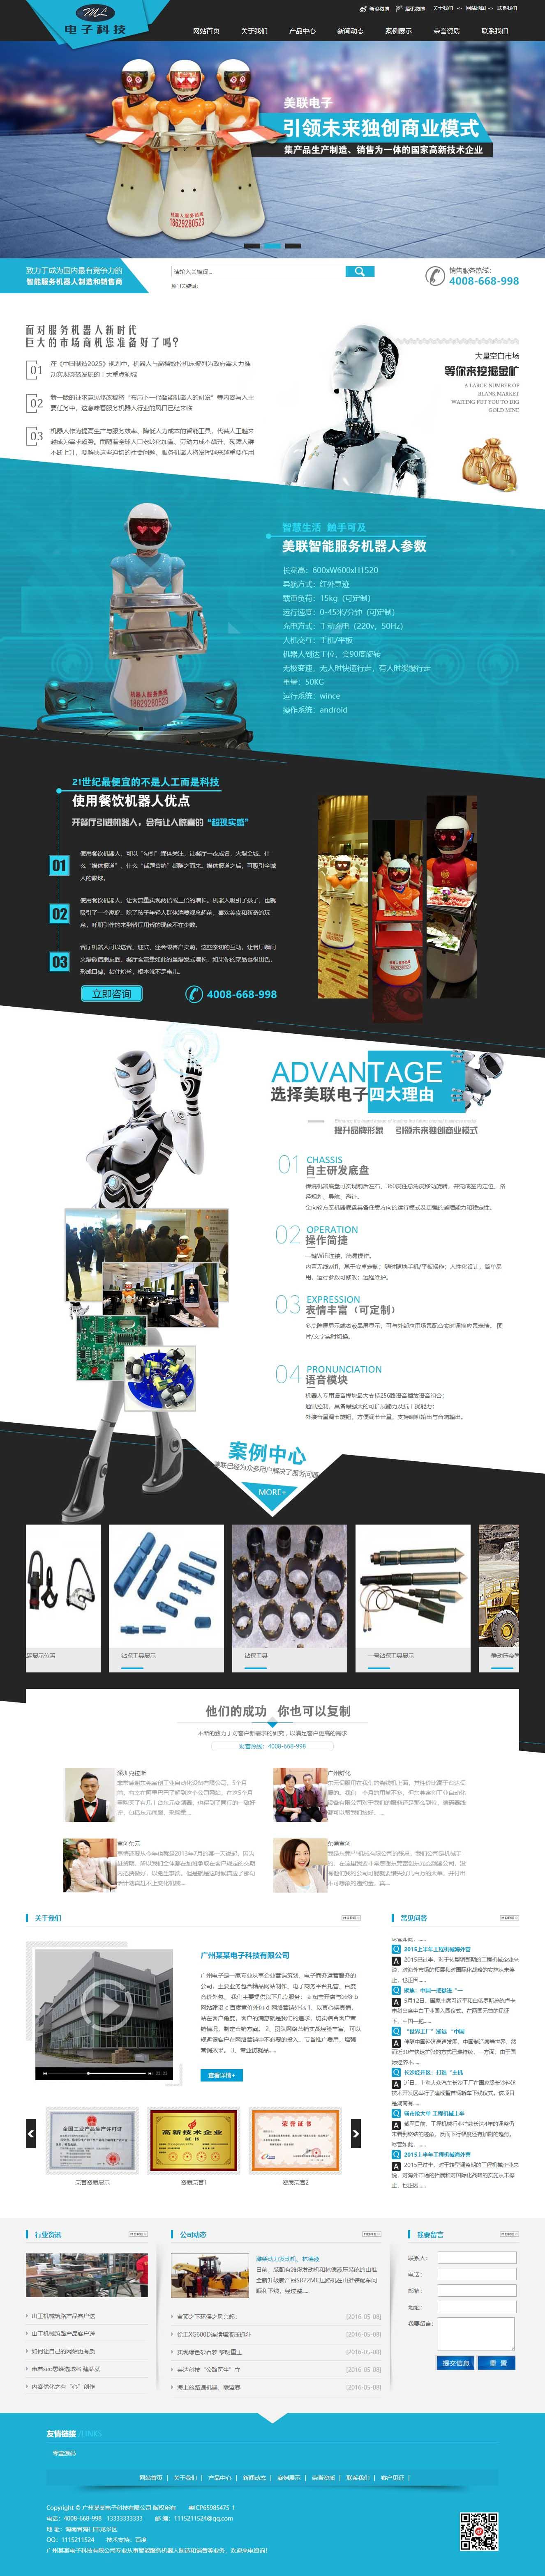 营销型电子科技设备类网站织梦dedecms模板(带手机端)